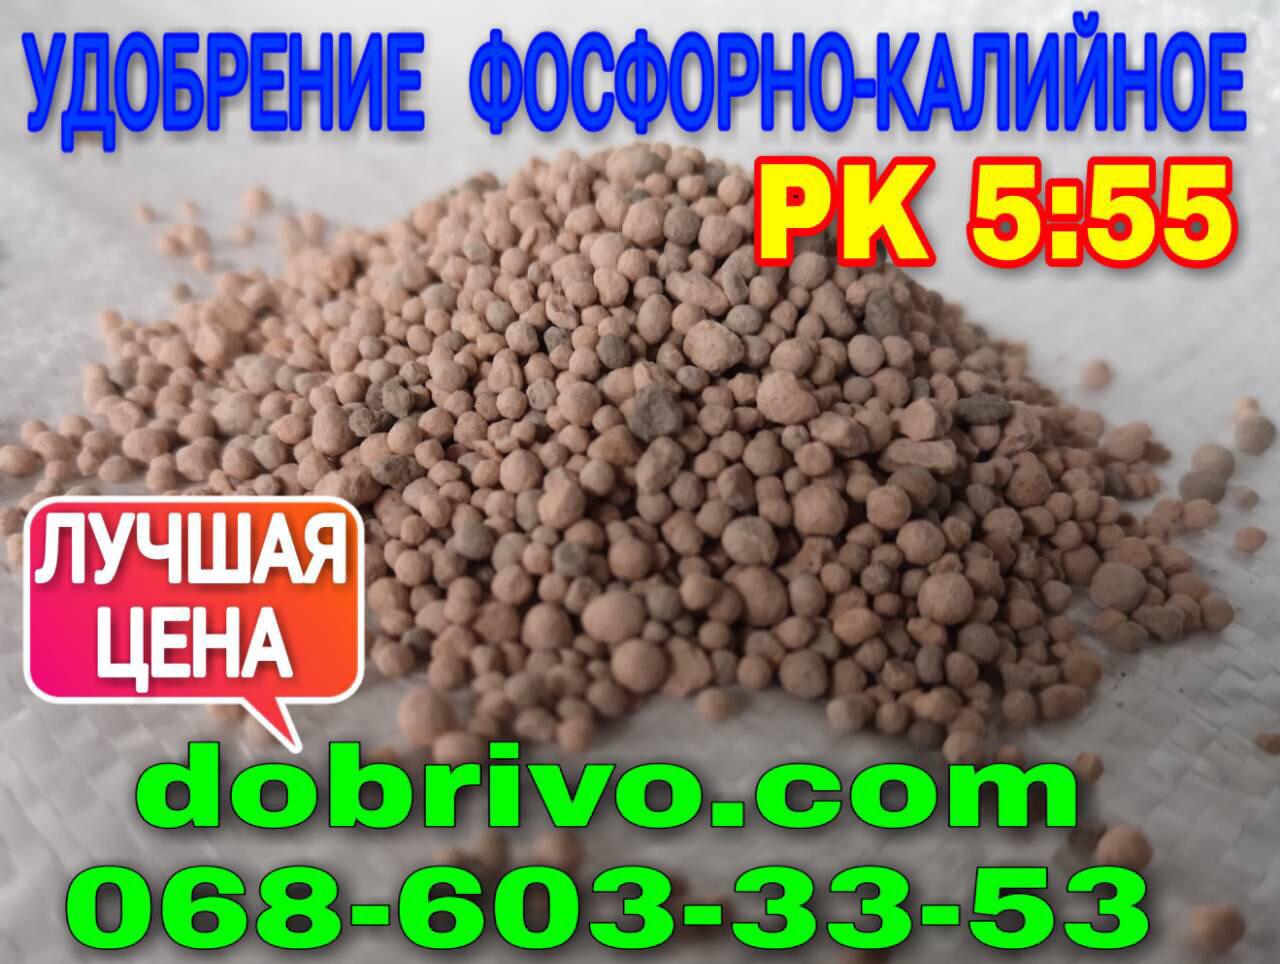 Удобрение фосфорно-калийное PK 5:55